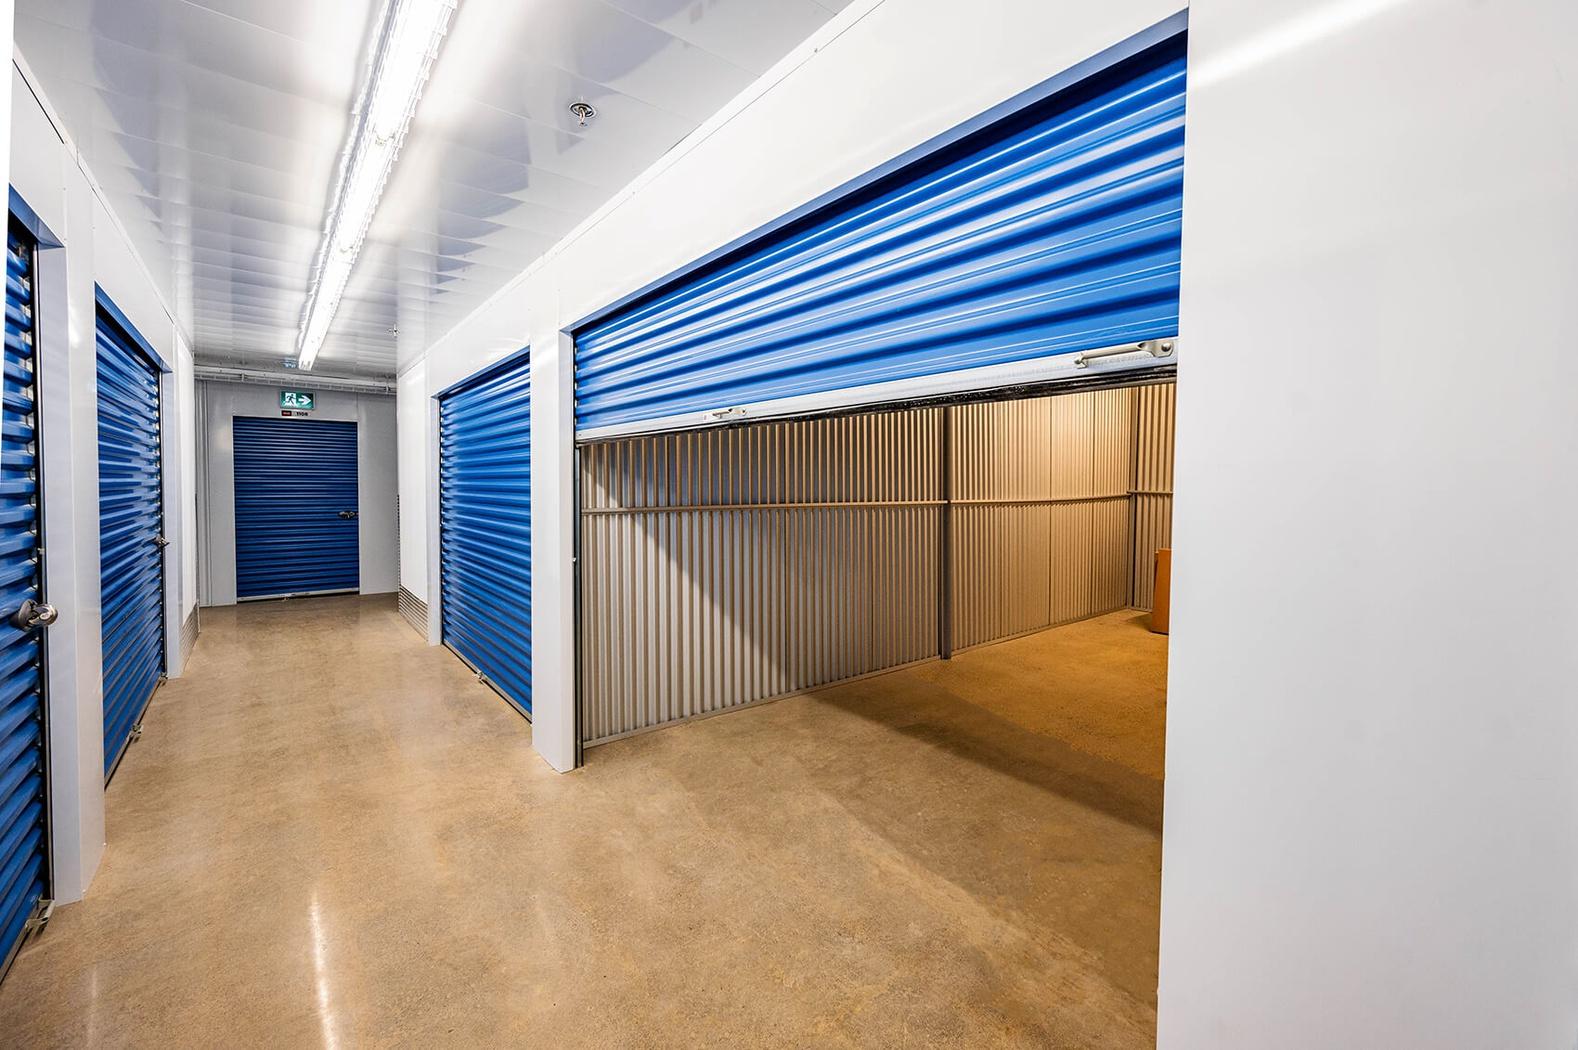 La succursale Access Storage – Scarborough Town Centre, située au 1340 Ellesmere Road, a la solution d'entreposage qu'il vous faut. Réservez dès aujourd'hui!